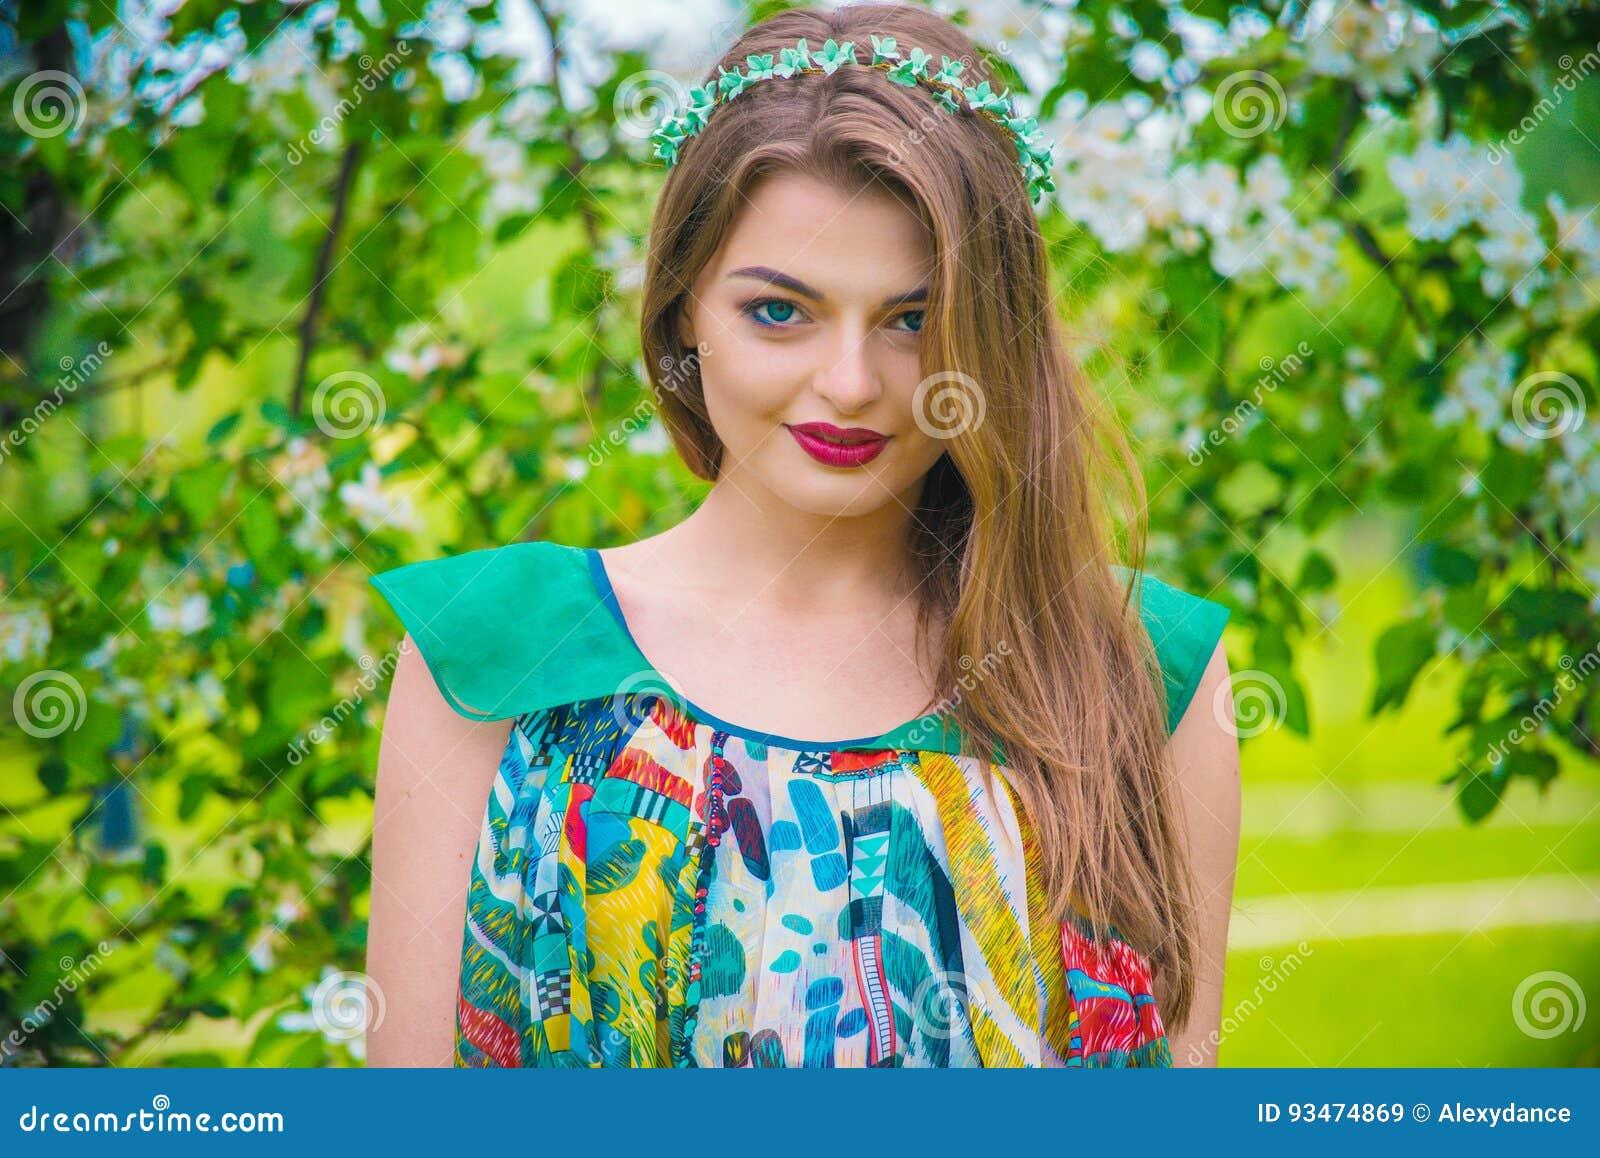 Modelo Joven Hermoso Atractivo En Vestido Colorido En Jardín